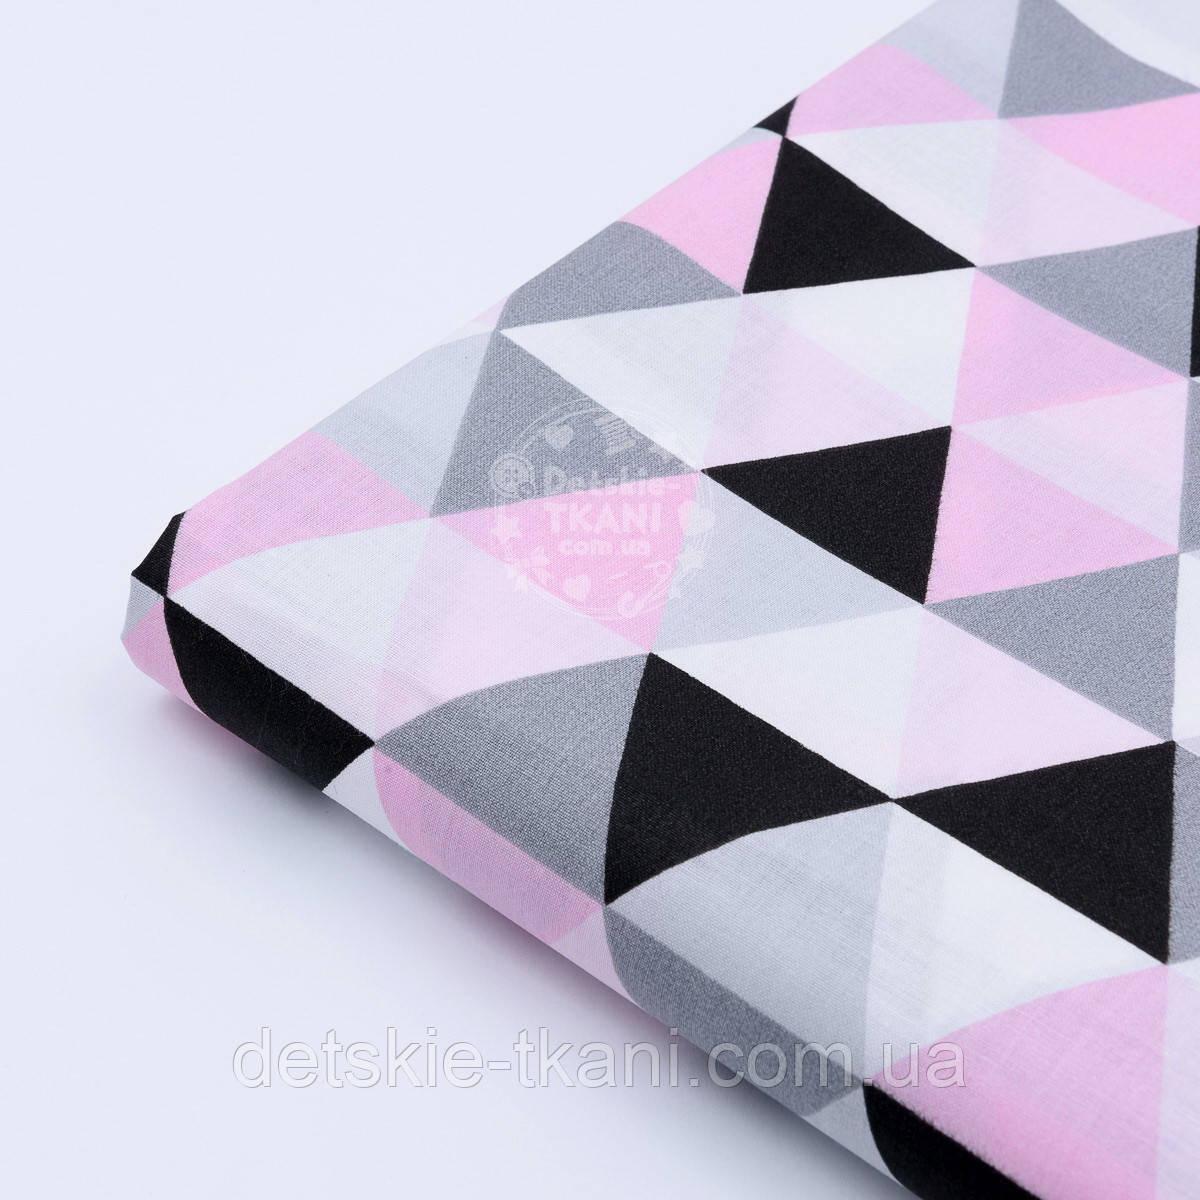 Отрез ткани с серыми розовыми и чёрными треугольниками (размером 4 см), №1658а, размер 92*160